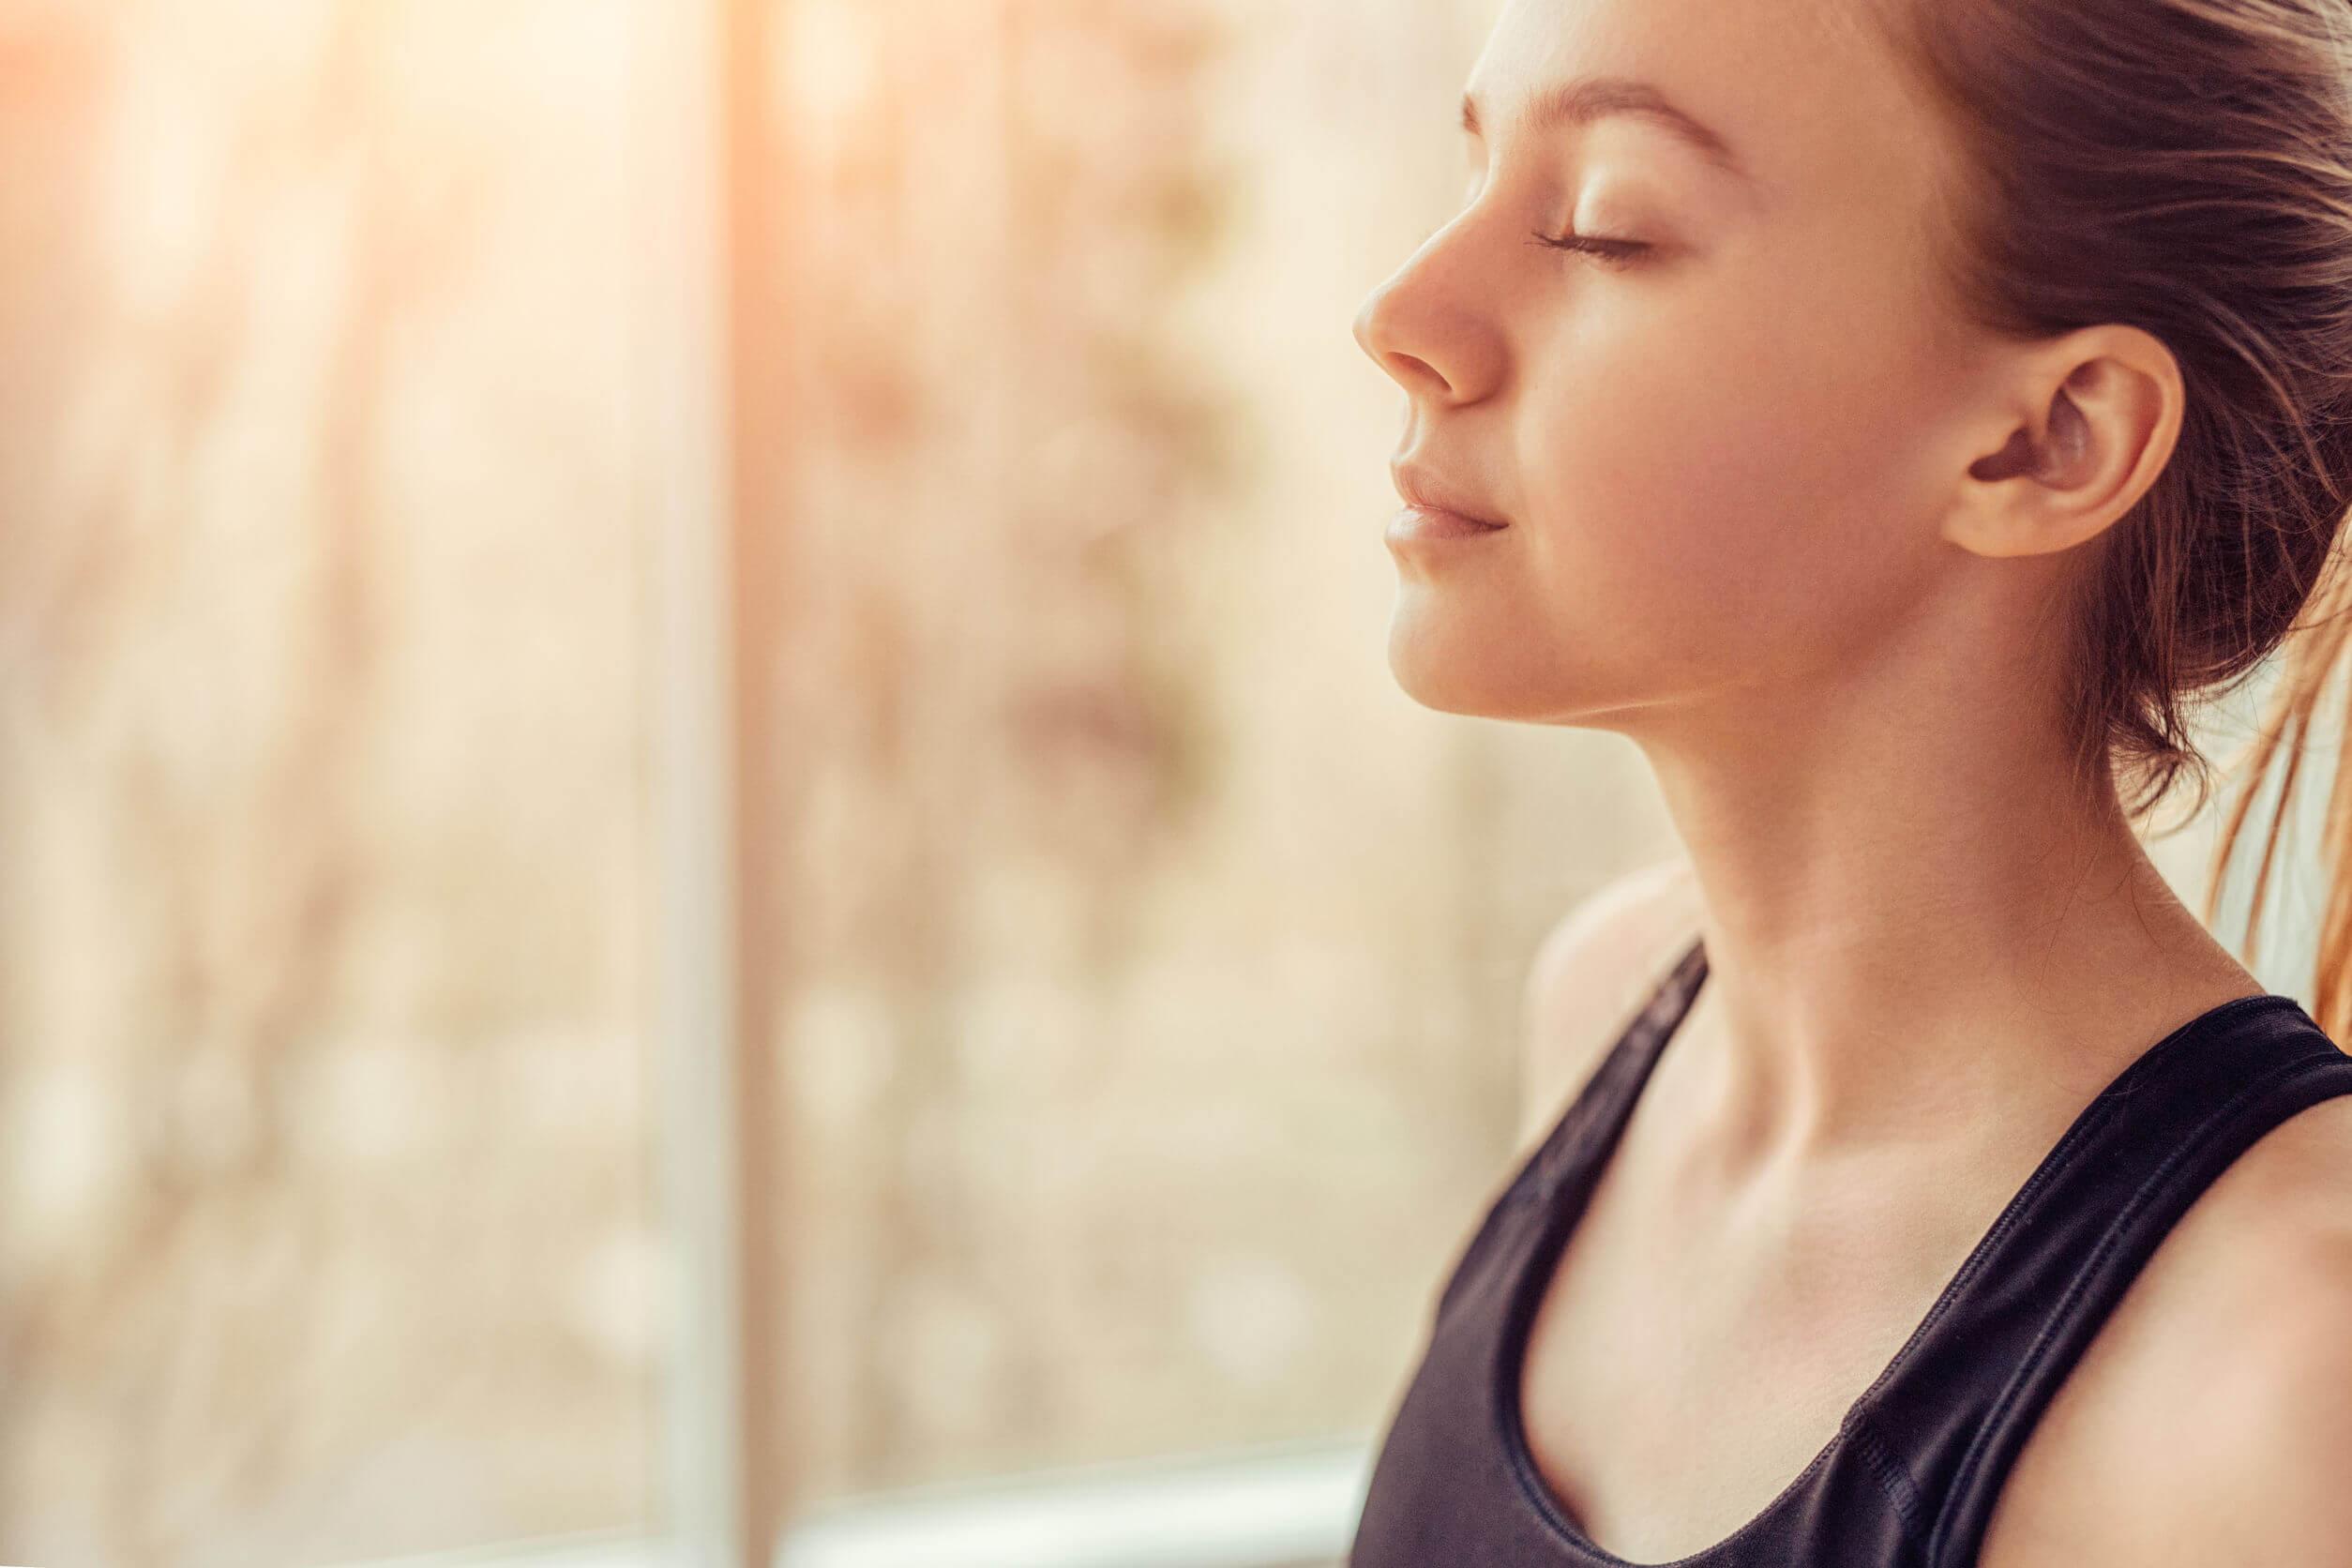 Respirar antes de hacer los ejercicios puede aliviar el dolor de espalda.